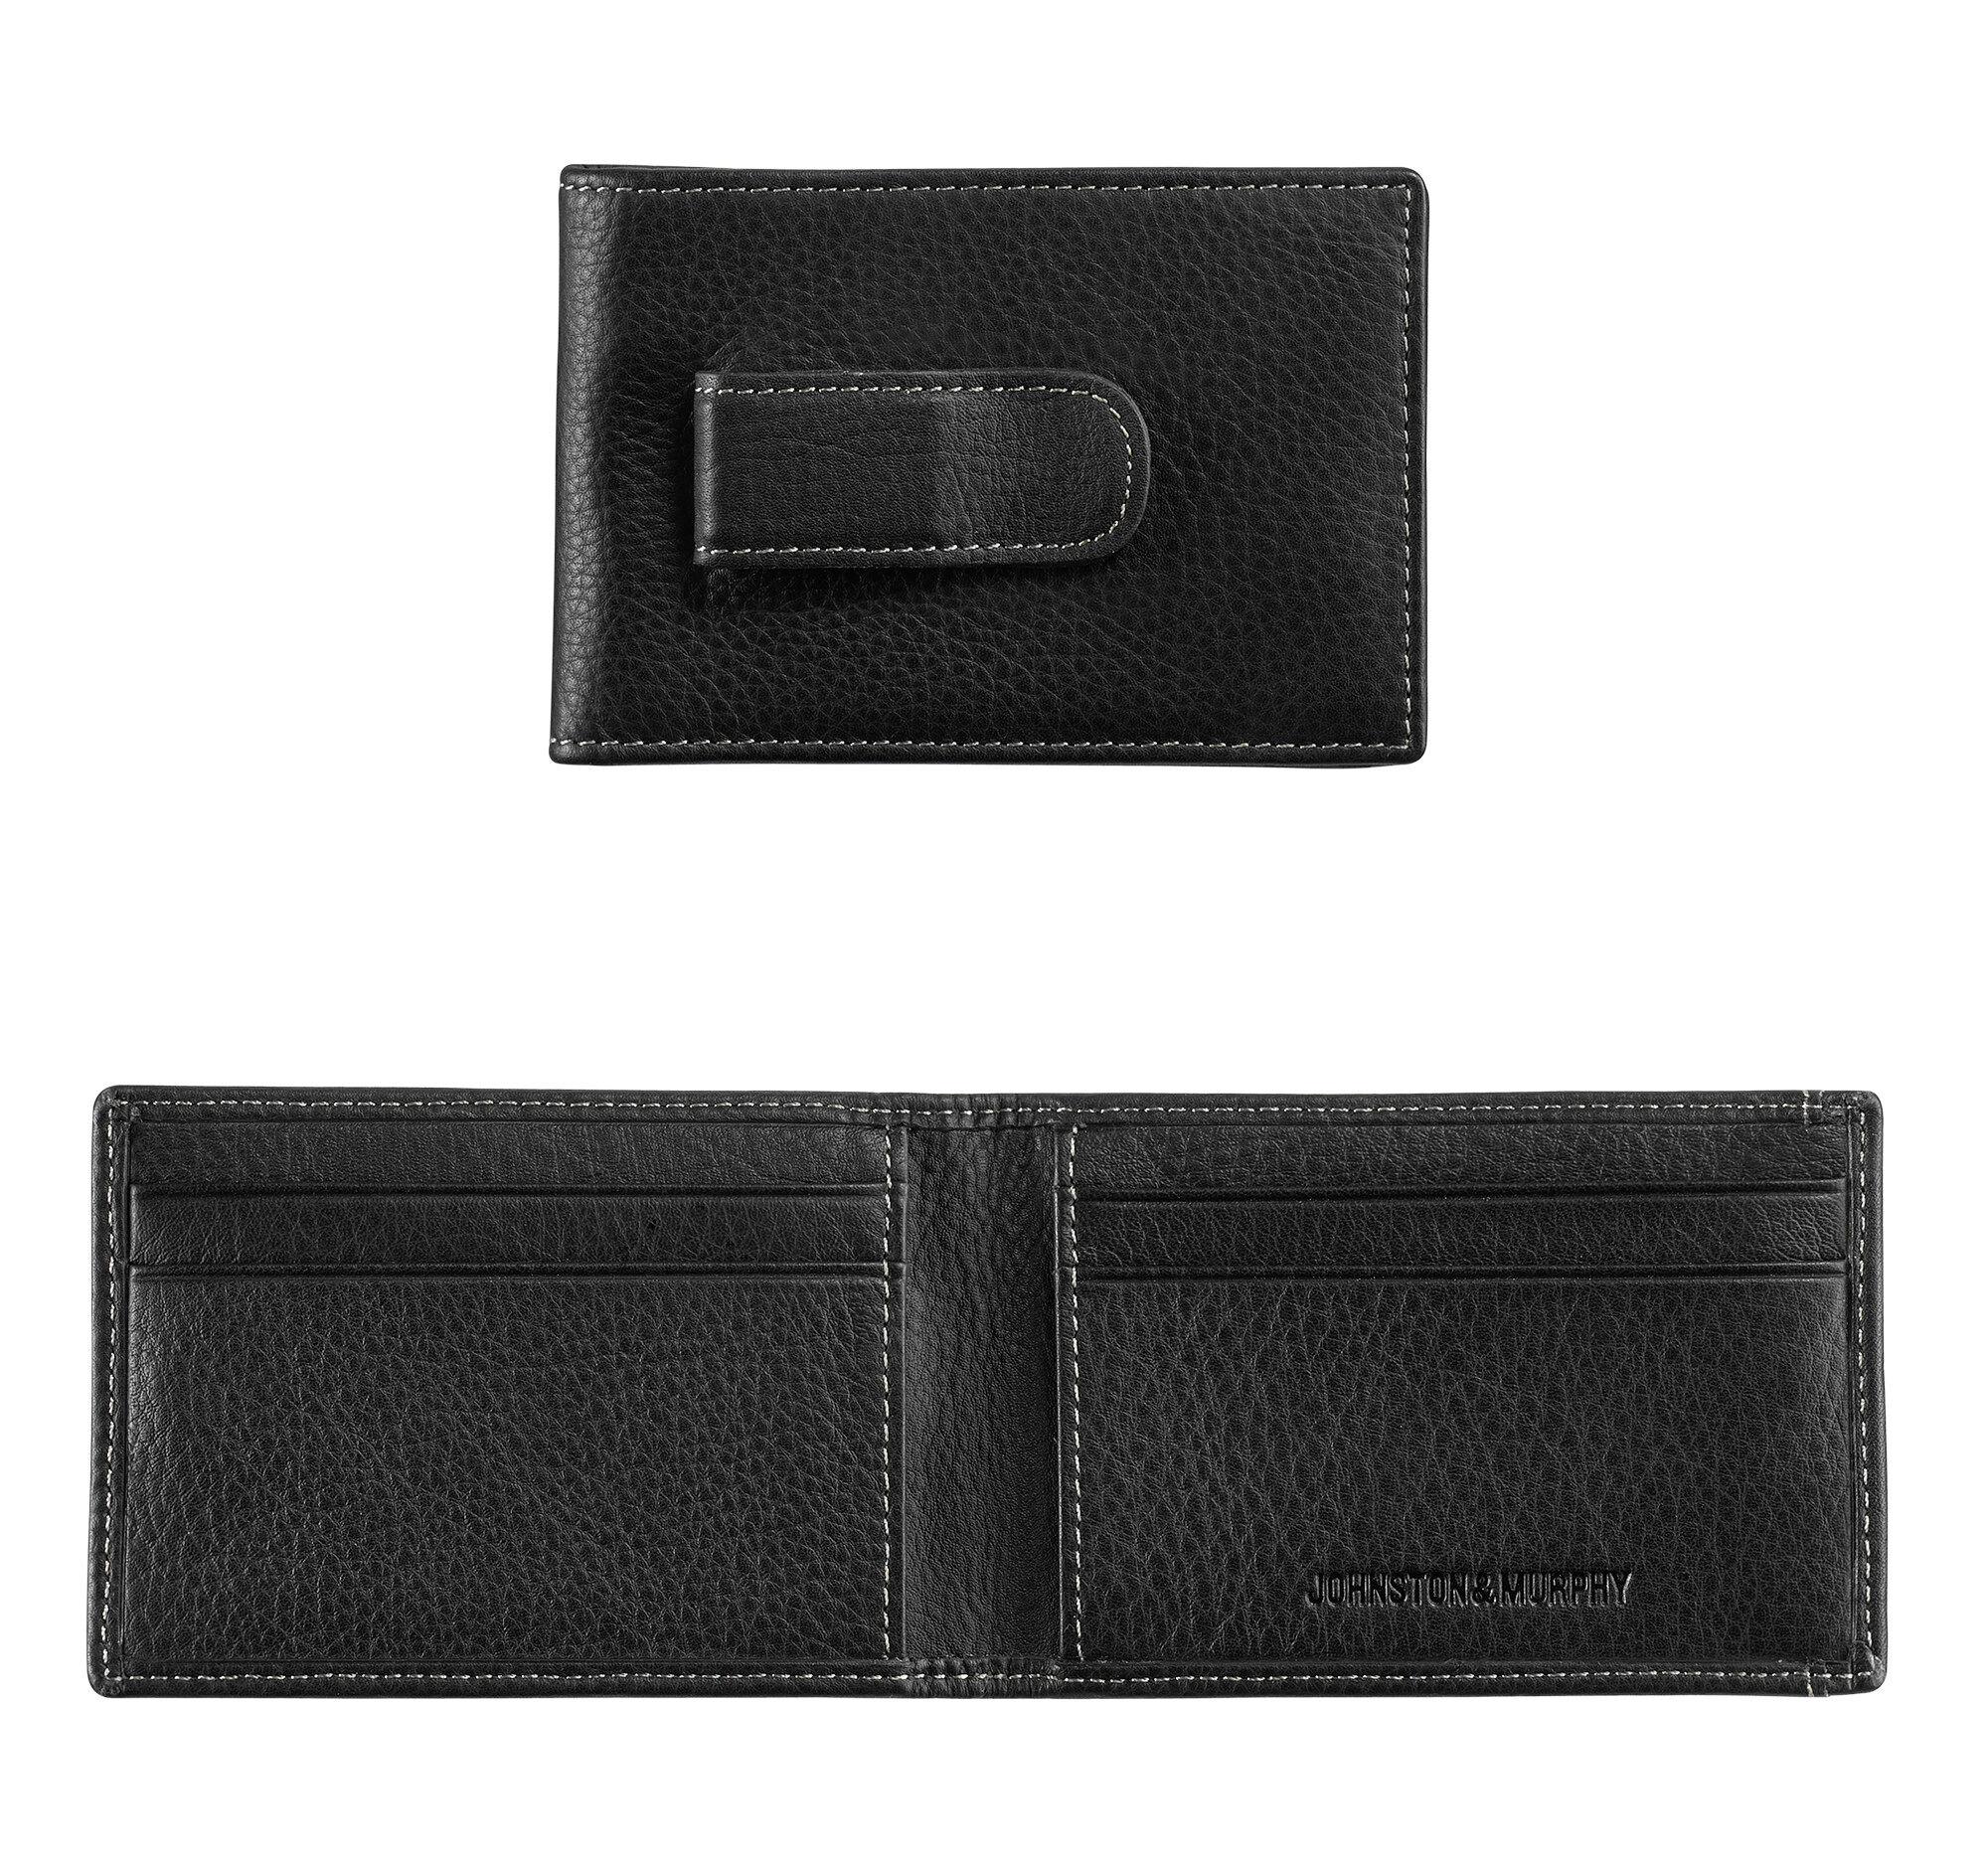 Johnston & Murphy Men's Two-Fold Money Clip Wallet - Black - Size EACH